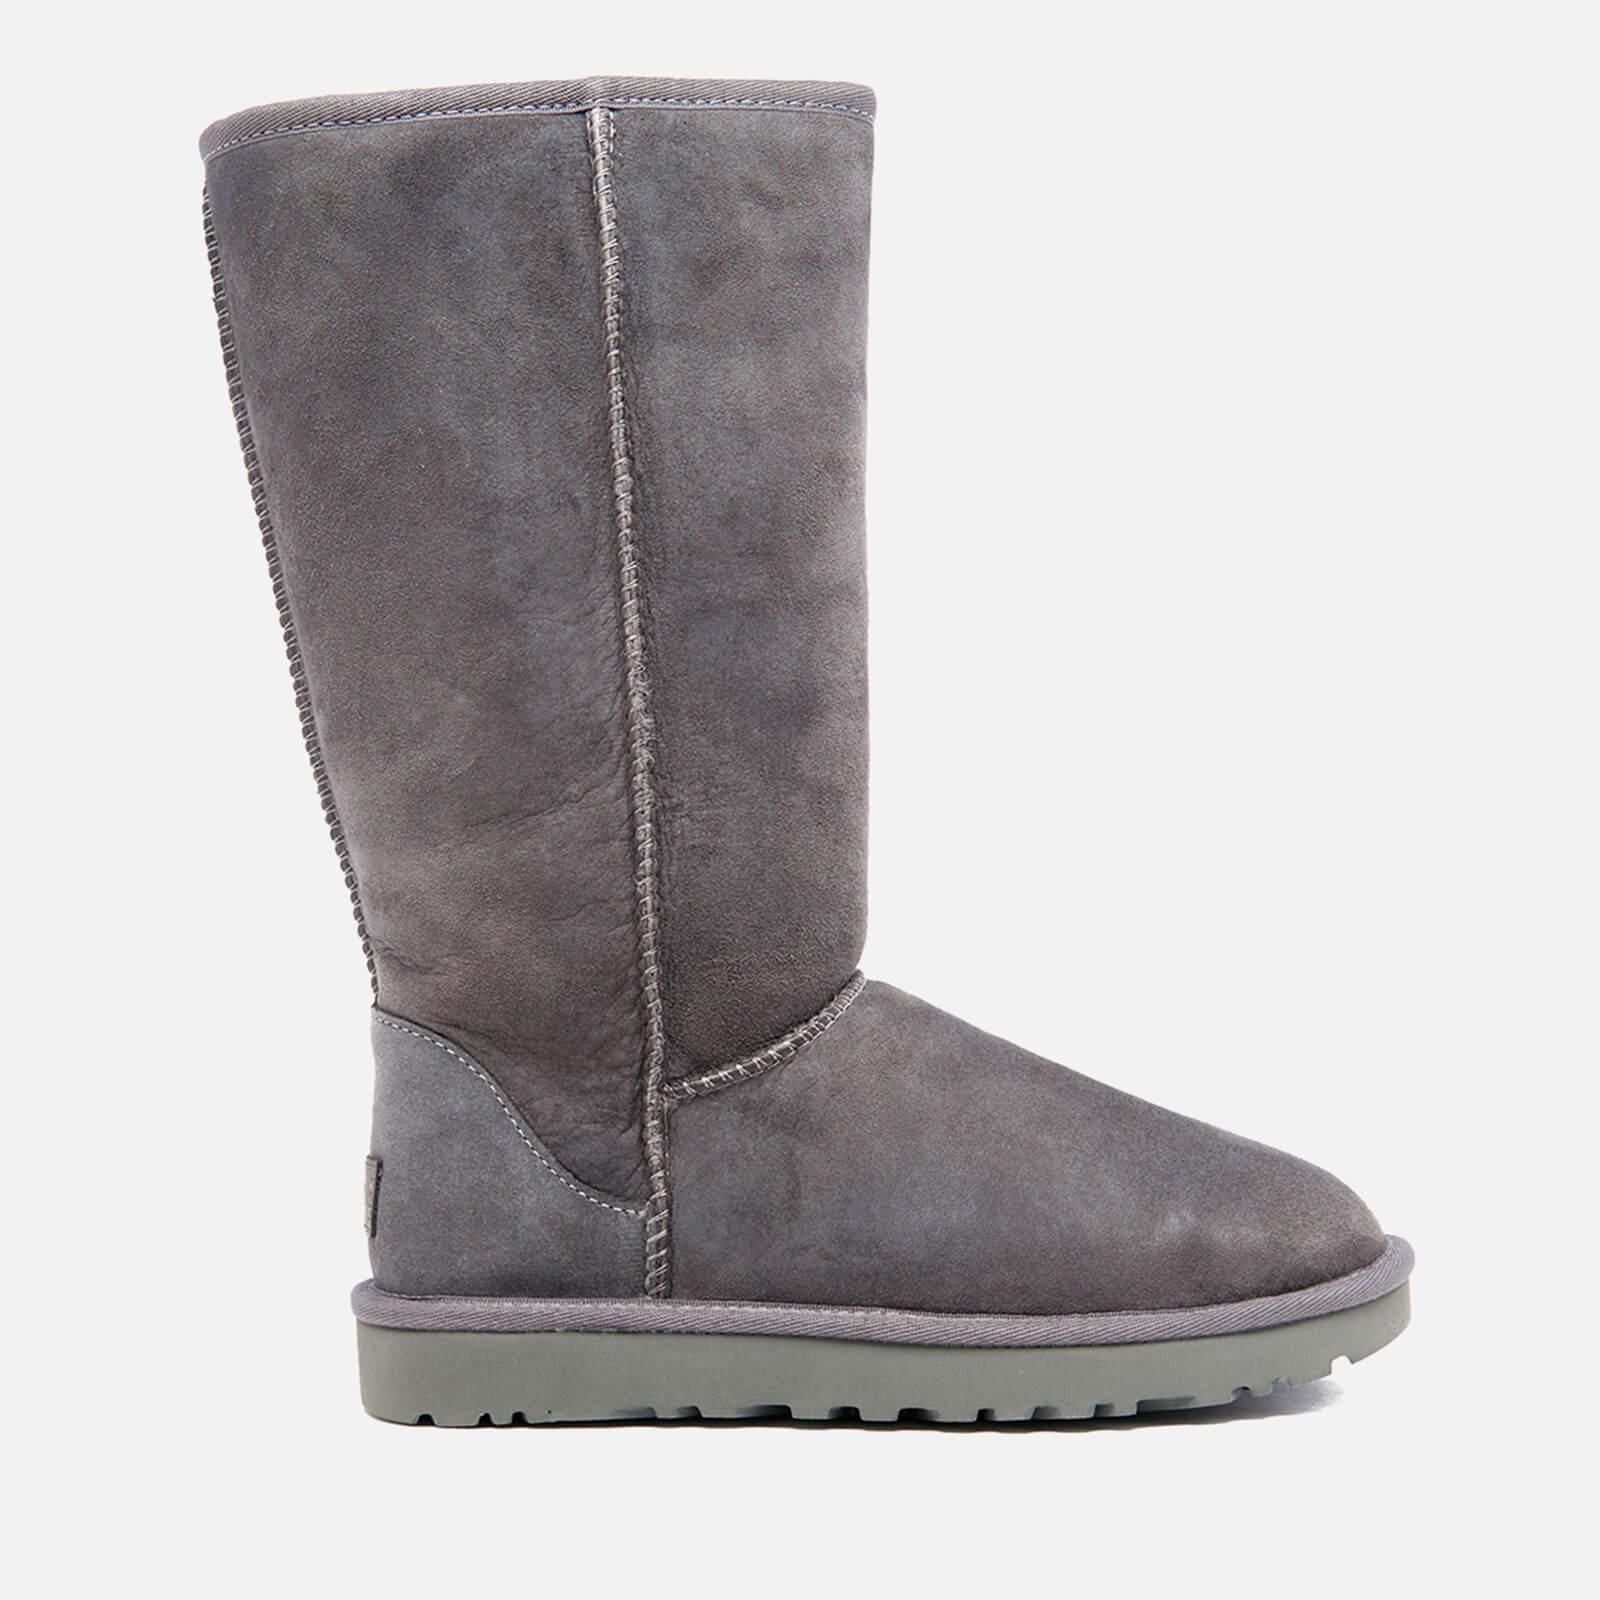 8a7b89e888e UGG Women's Classic Tall II Sheepskin Boots - Grey